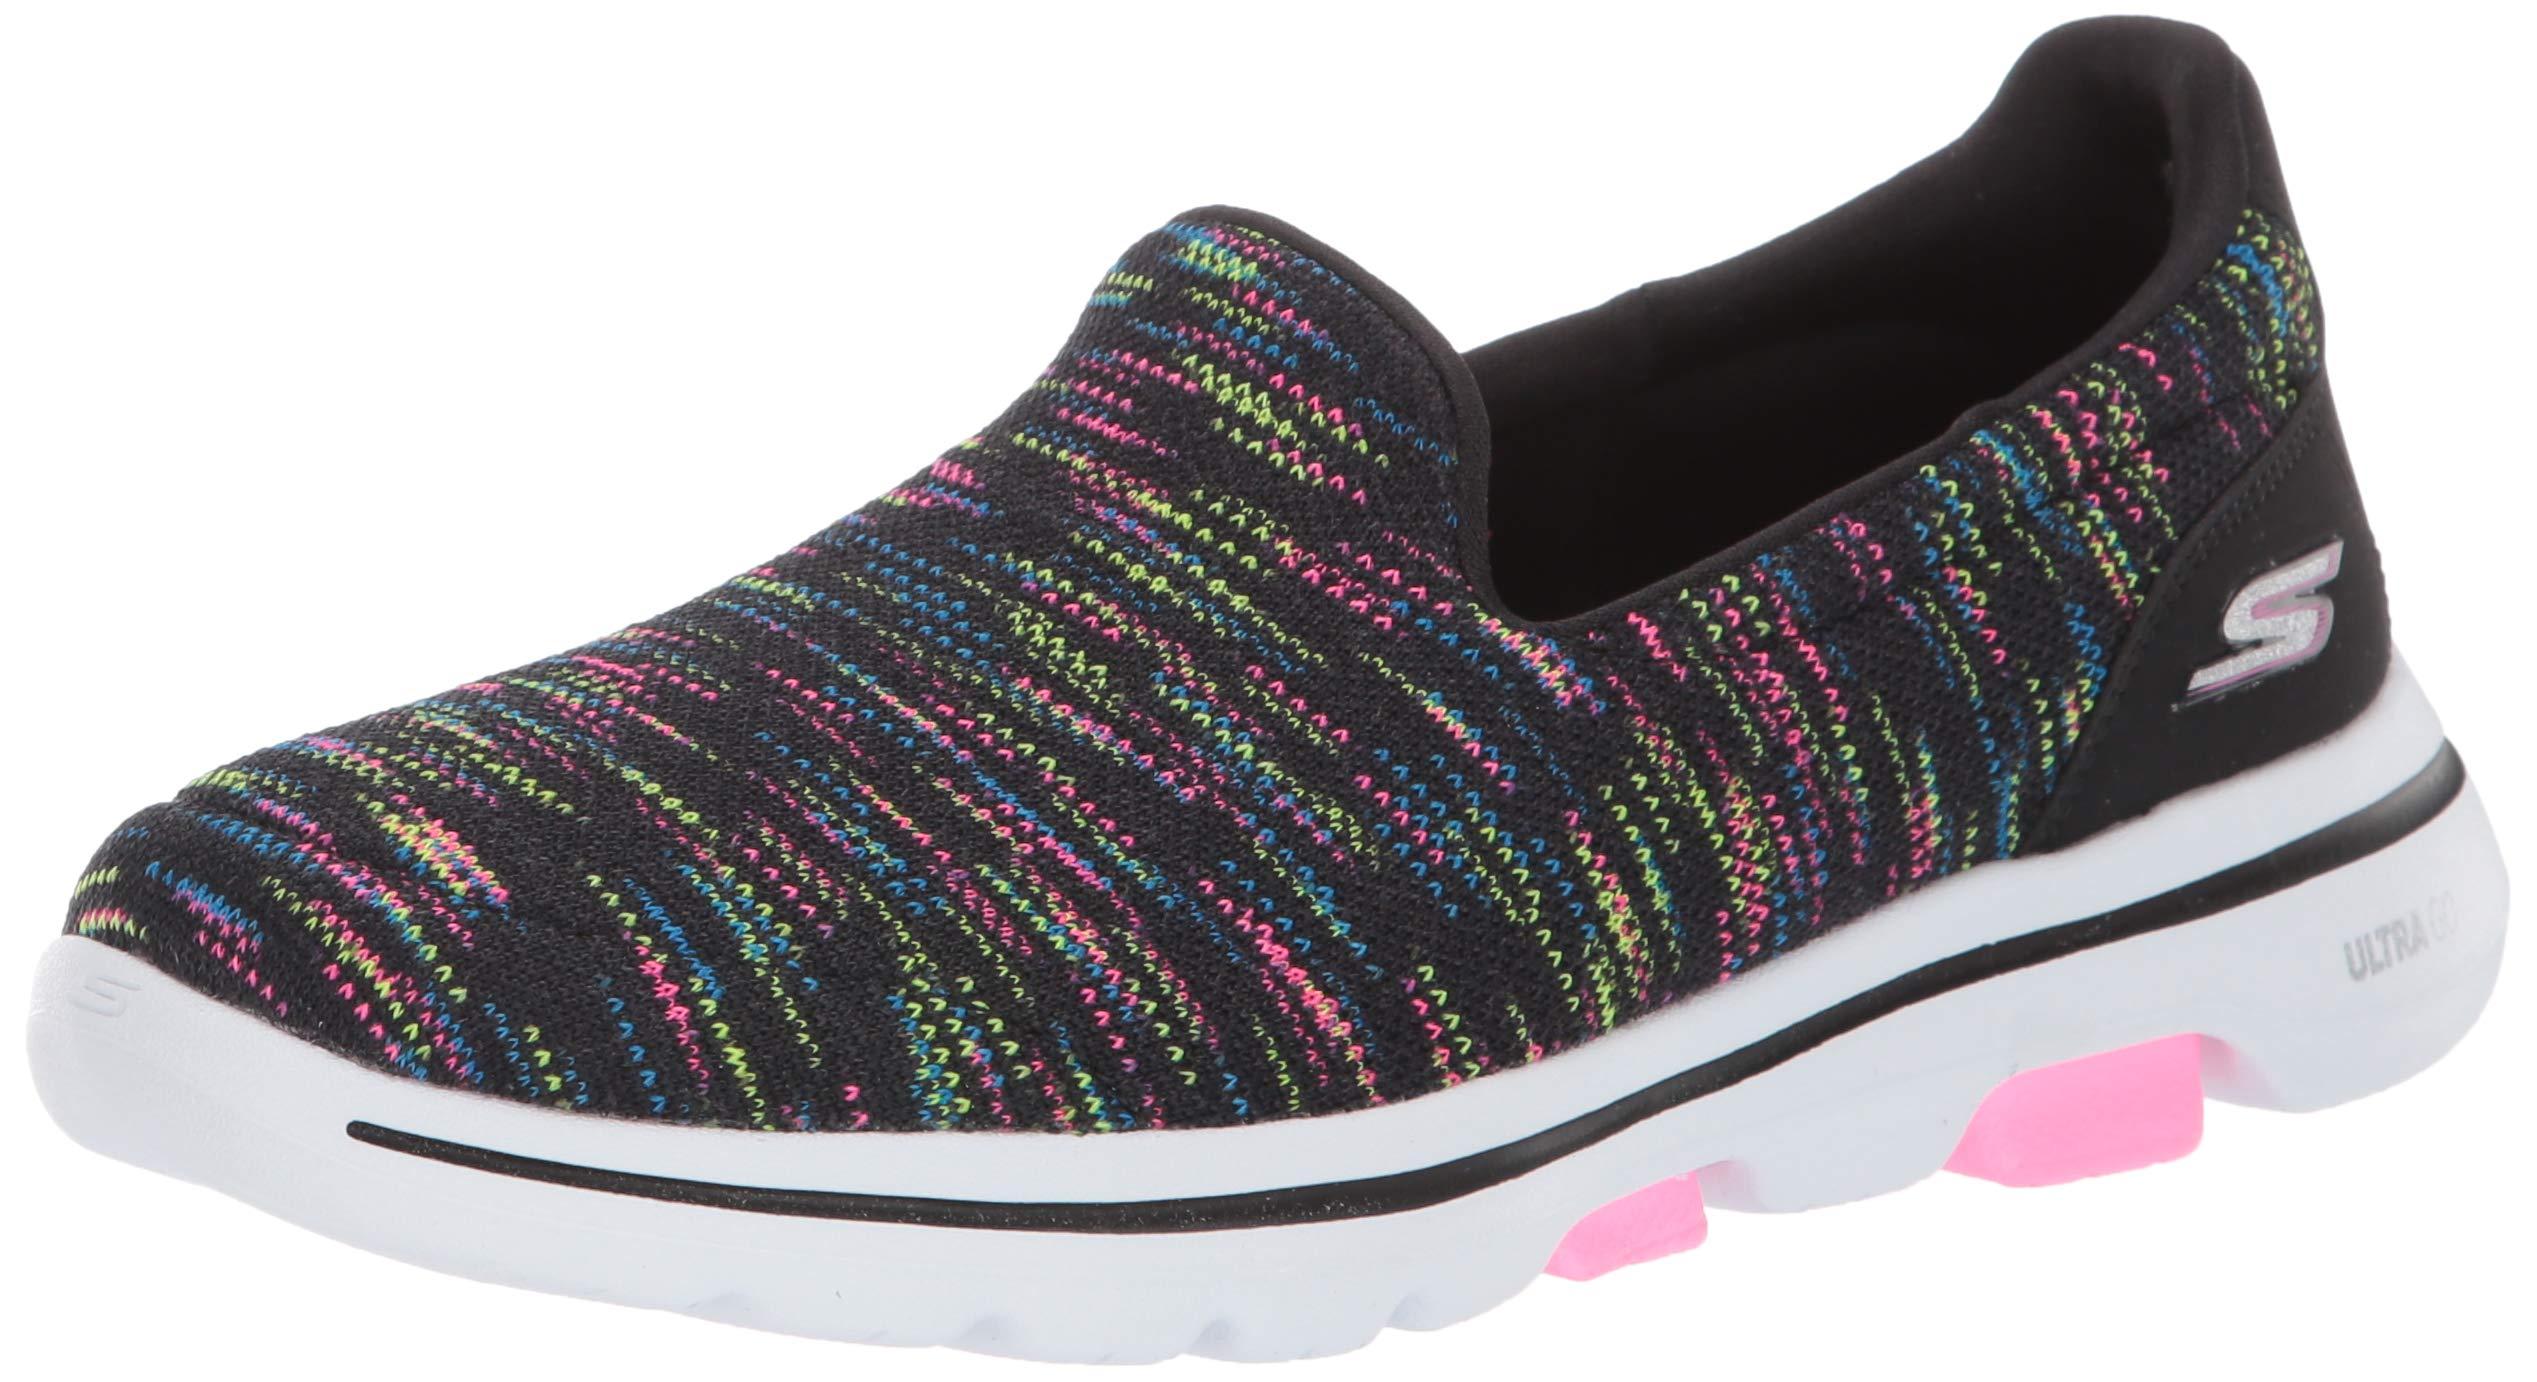 Skechers Women's GO Walk 5-15912 Shoe, Black/Multi, 6.5 M US by Skechers